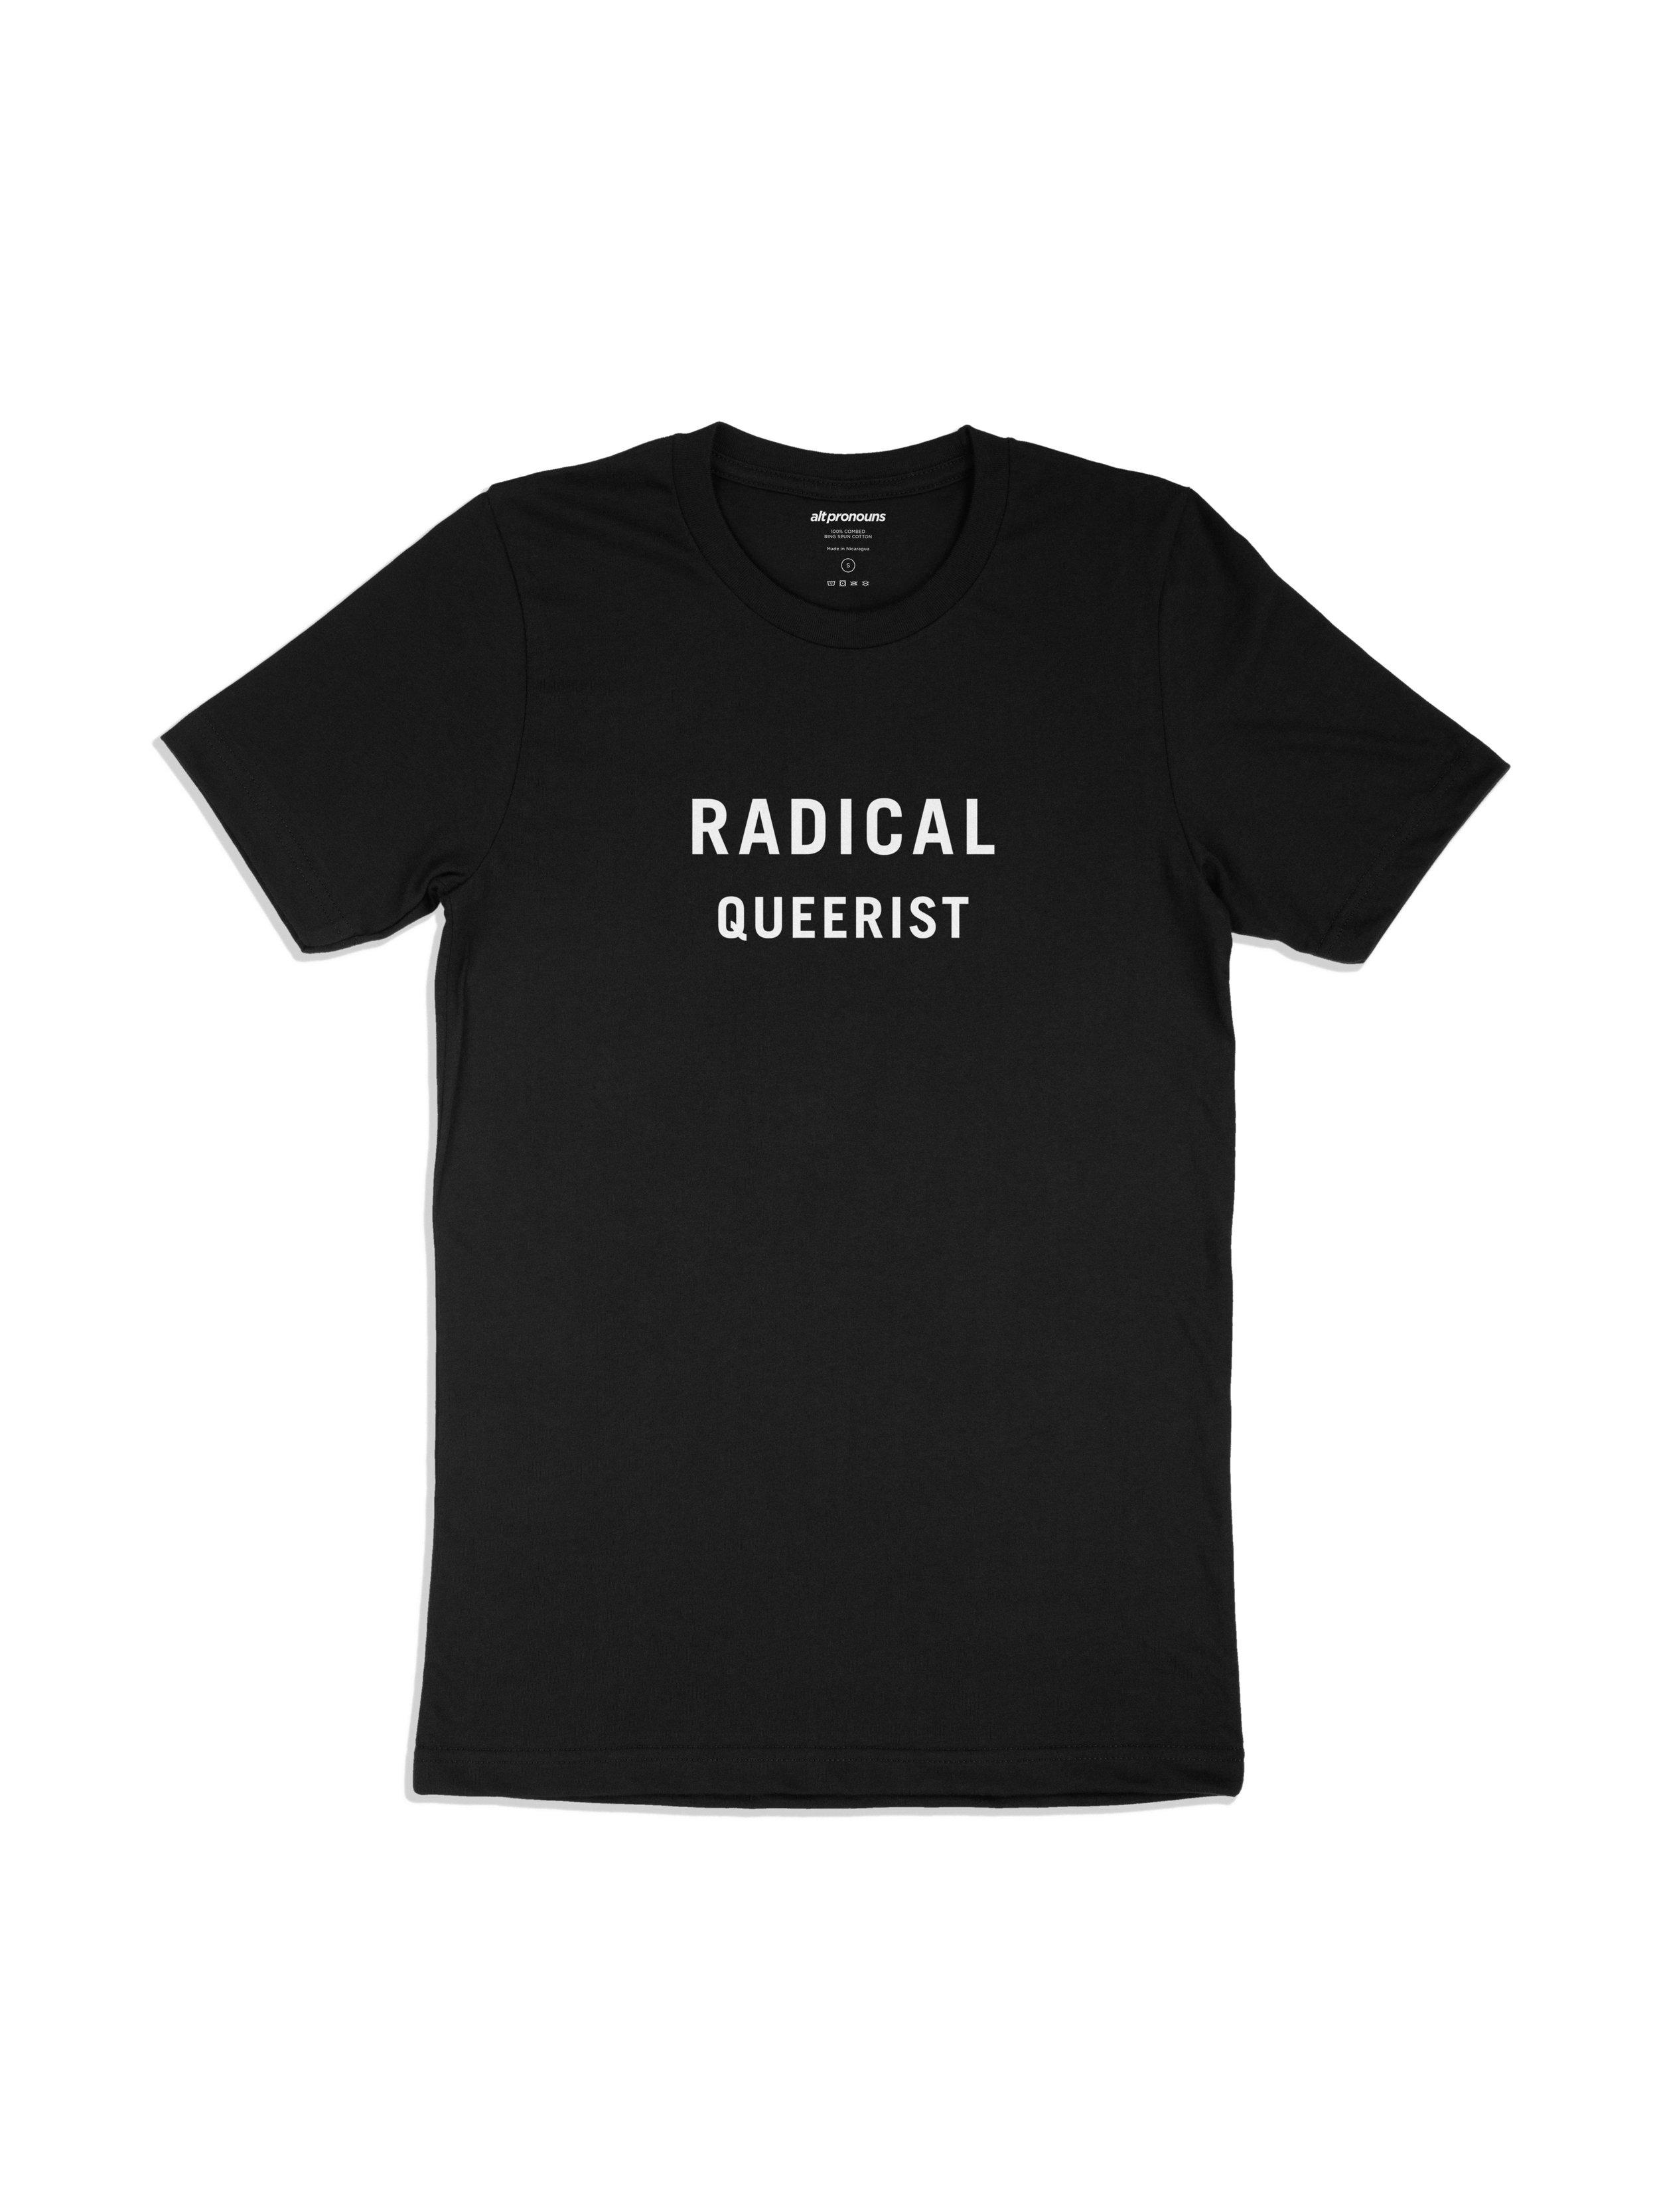 Alt Pronouns Radical Queerist Tee in Black